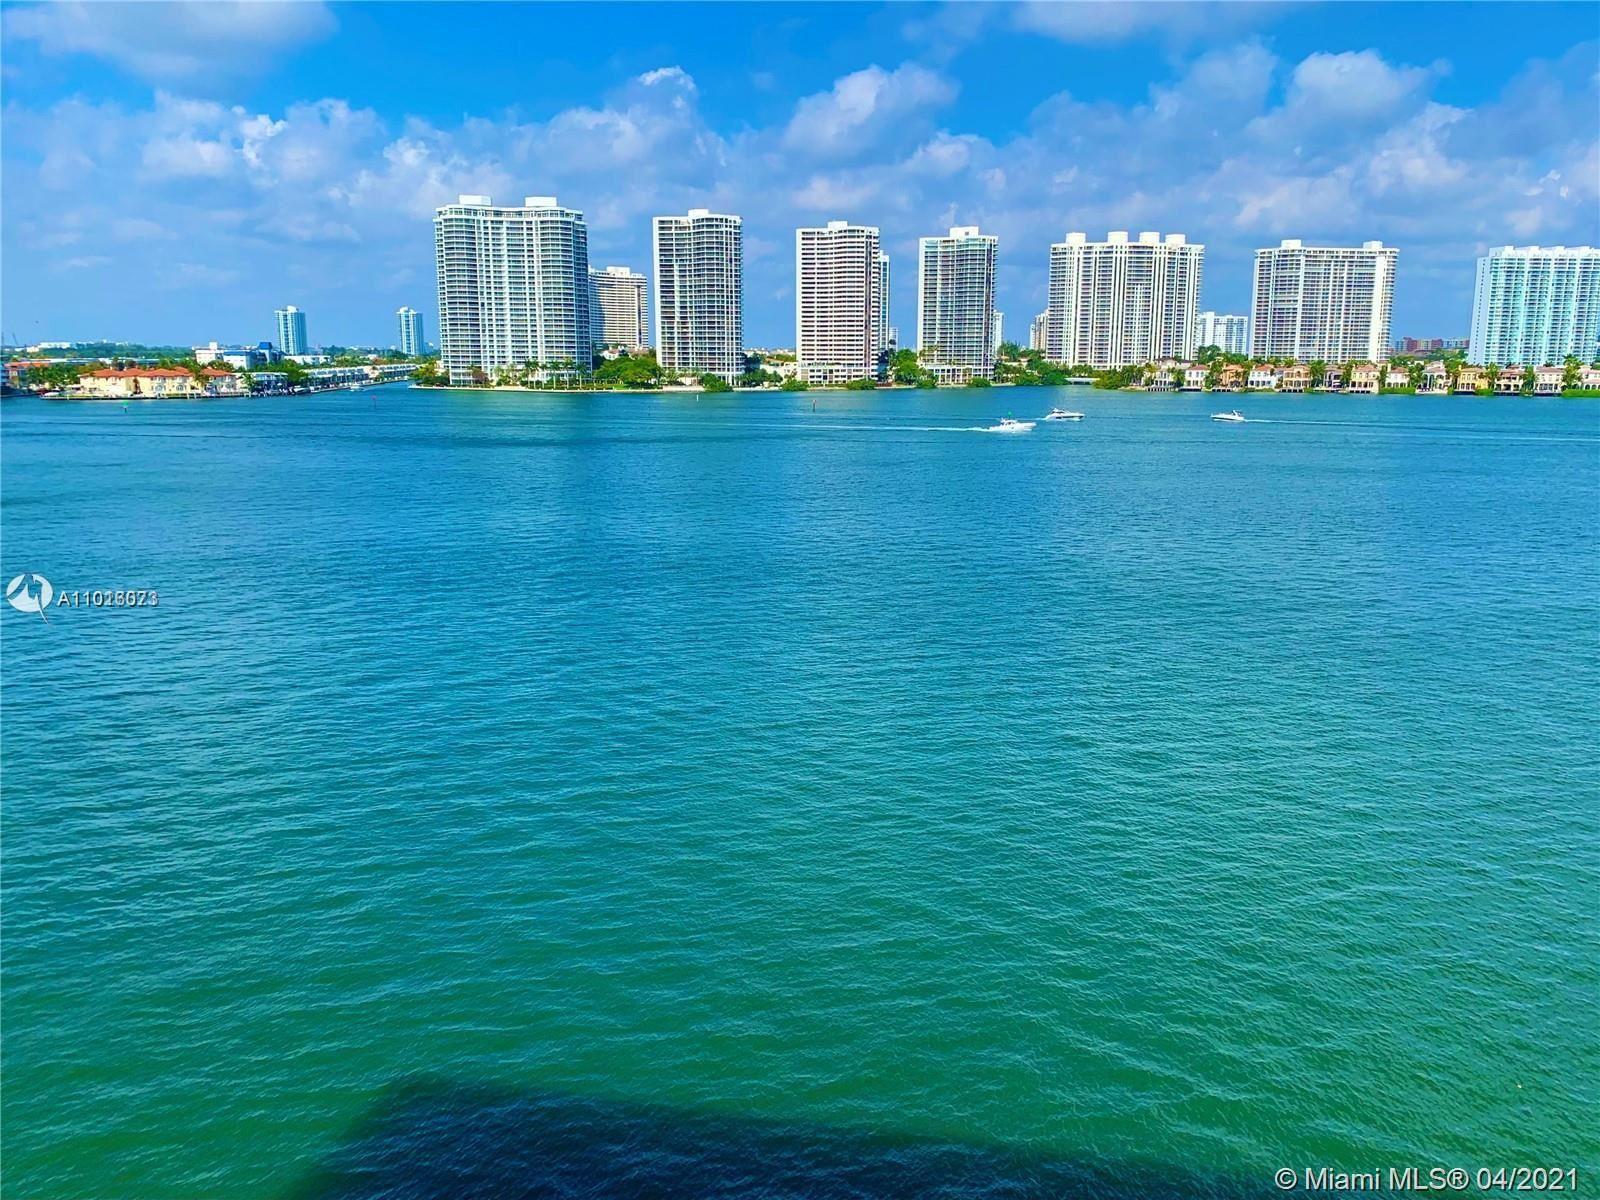 17720 N Bay Rd #5A, Sunny Isles, FL 33160 - #: A11016073